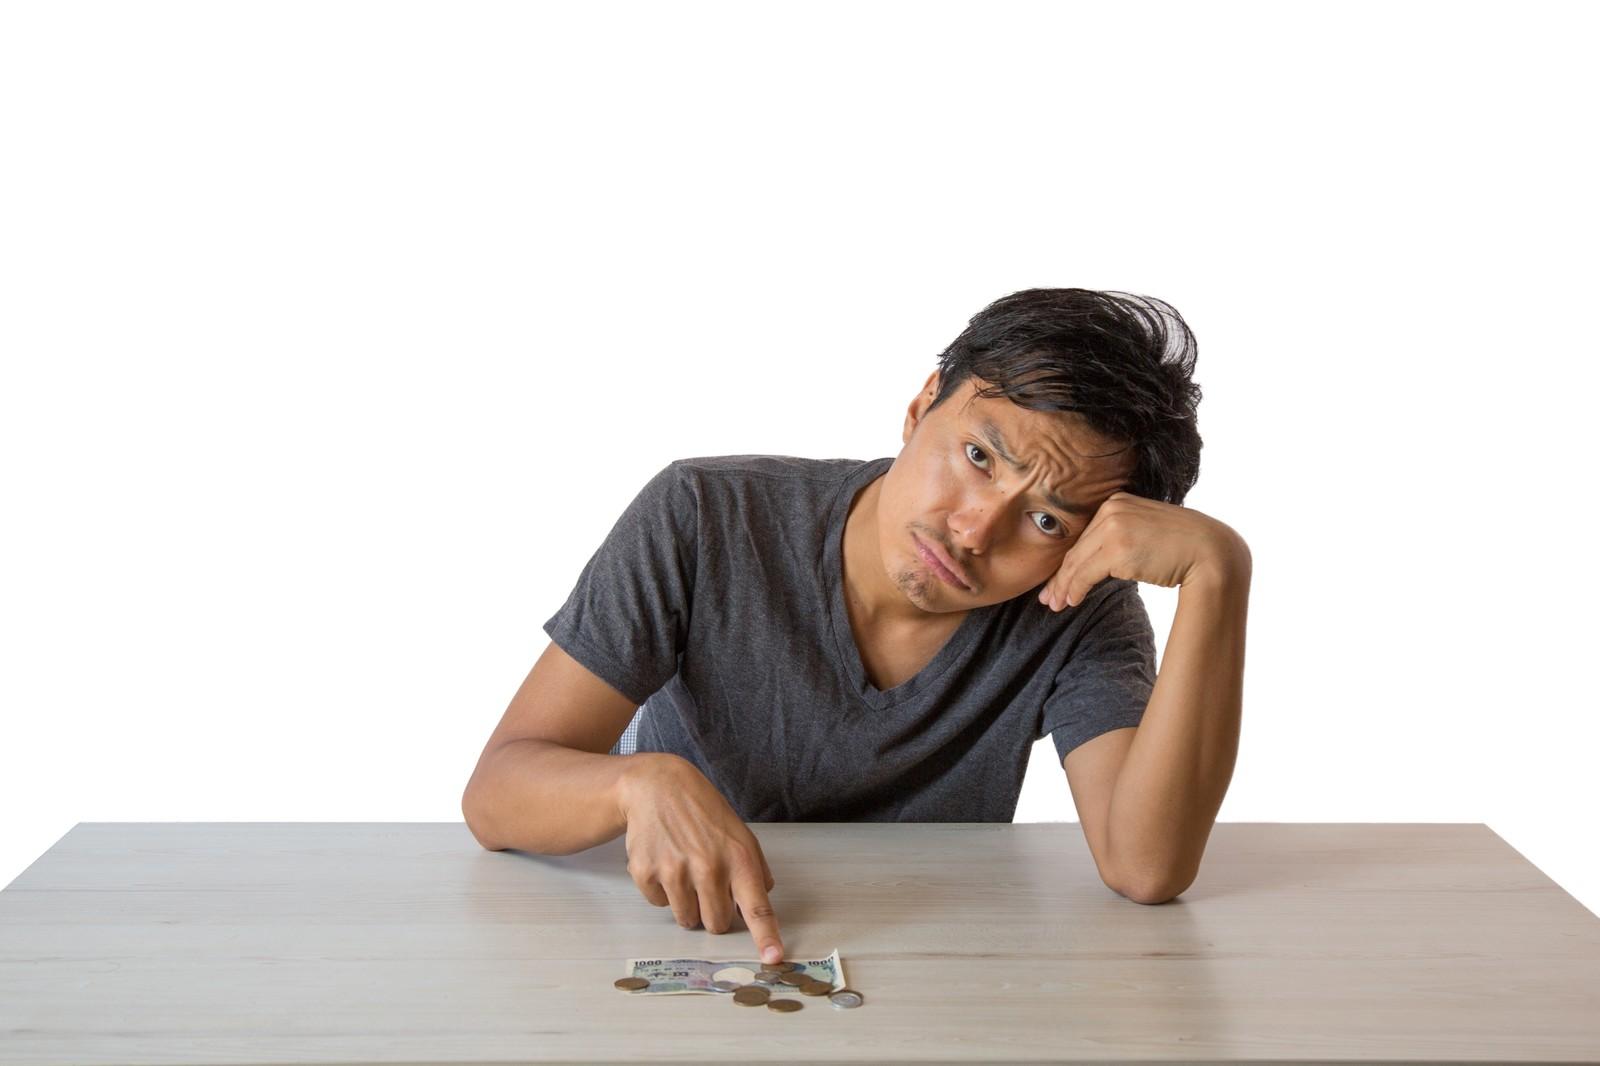 月末までの生活費に頭を悩ます浪費癖のある男性